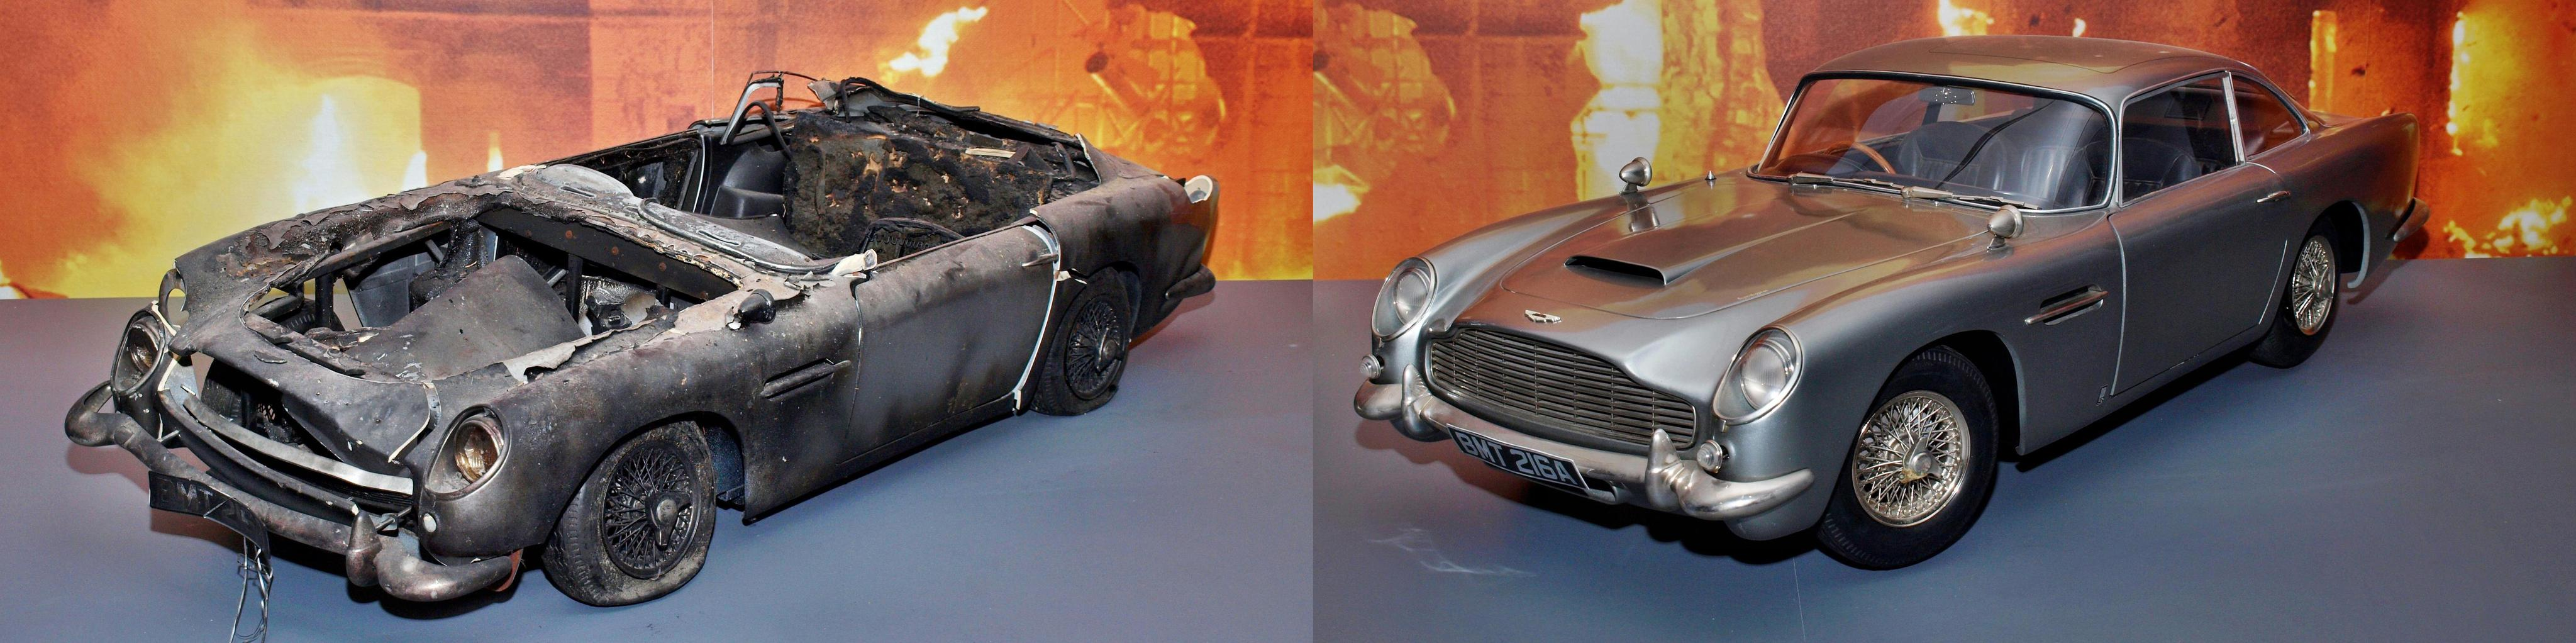 Aston Martin DB5 – суперавтомобиль суперагента. Фотография Малец Михаила Георгиевича